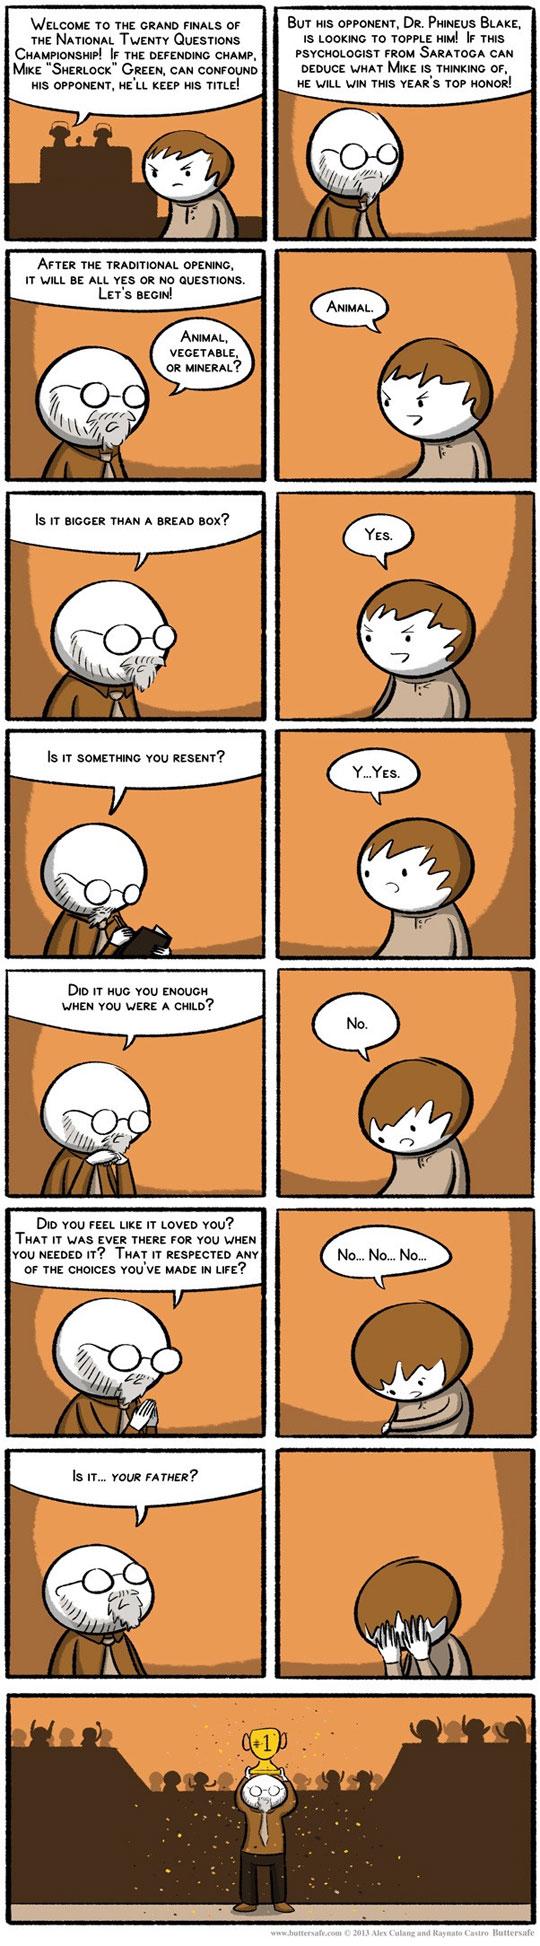 Fil de blagues sur les surdoués, les psy et quelques autres - Page 3 Funny-17